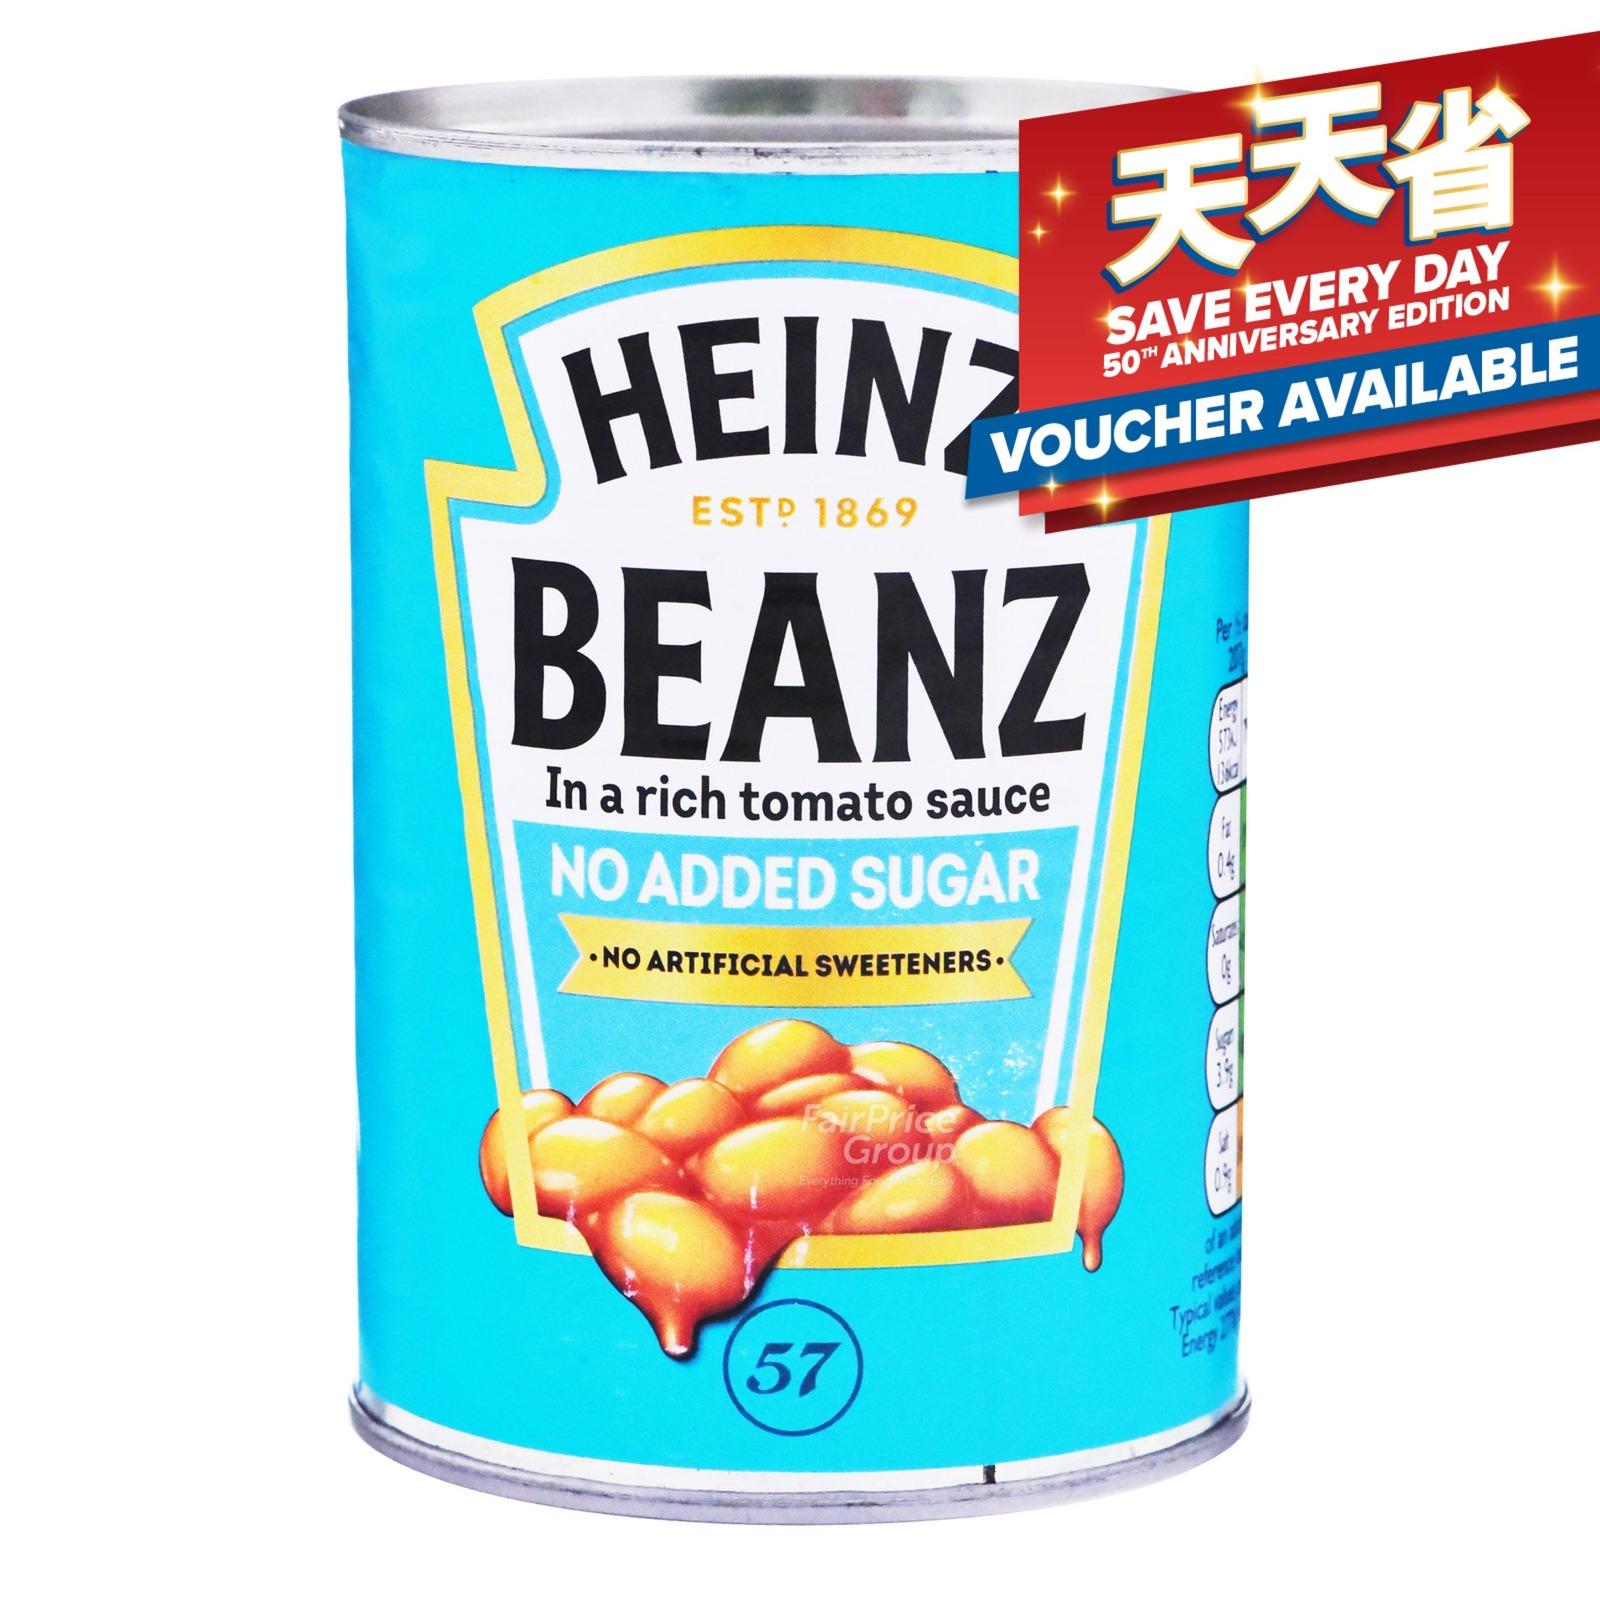 Heinz Beanz Baked Beans - No Added Sugar